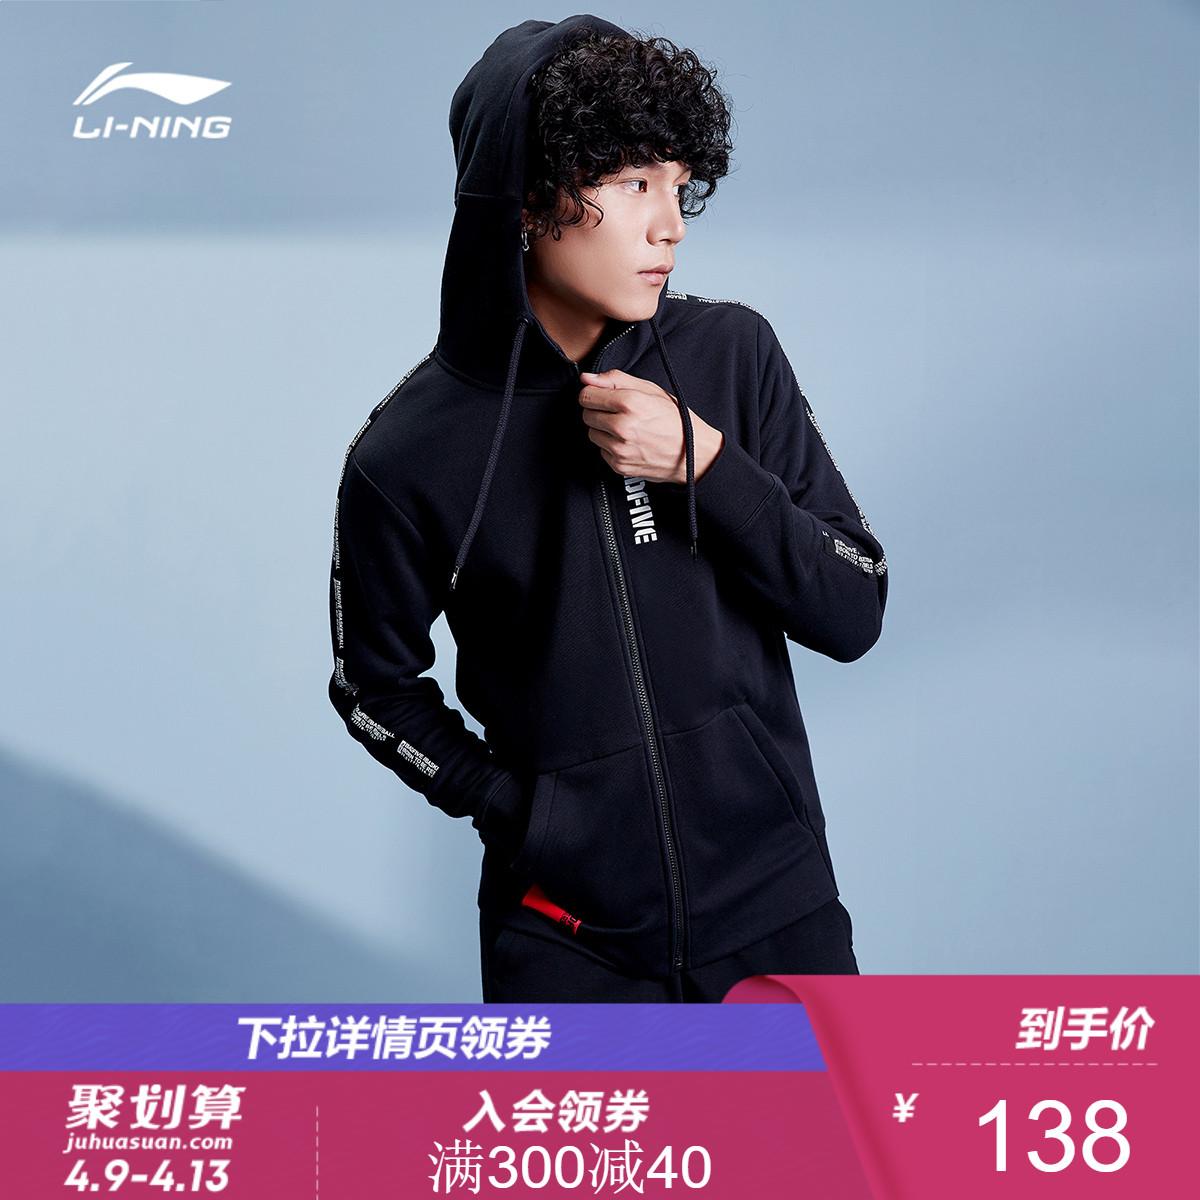 李宁卫衣男士新款时尚潮流上衣男子春季防风连帽运动服